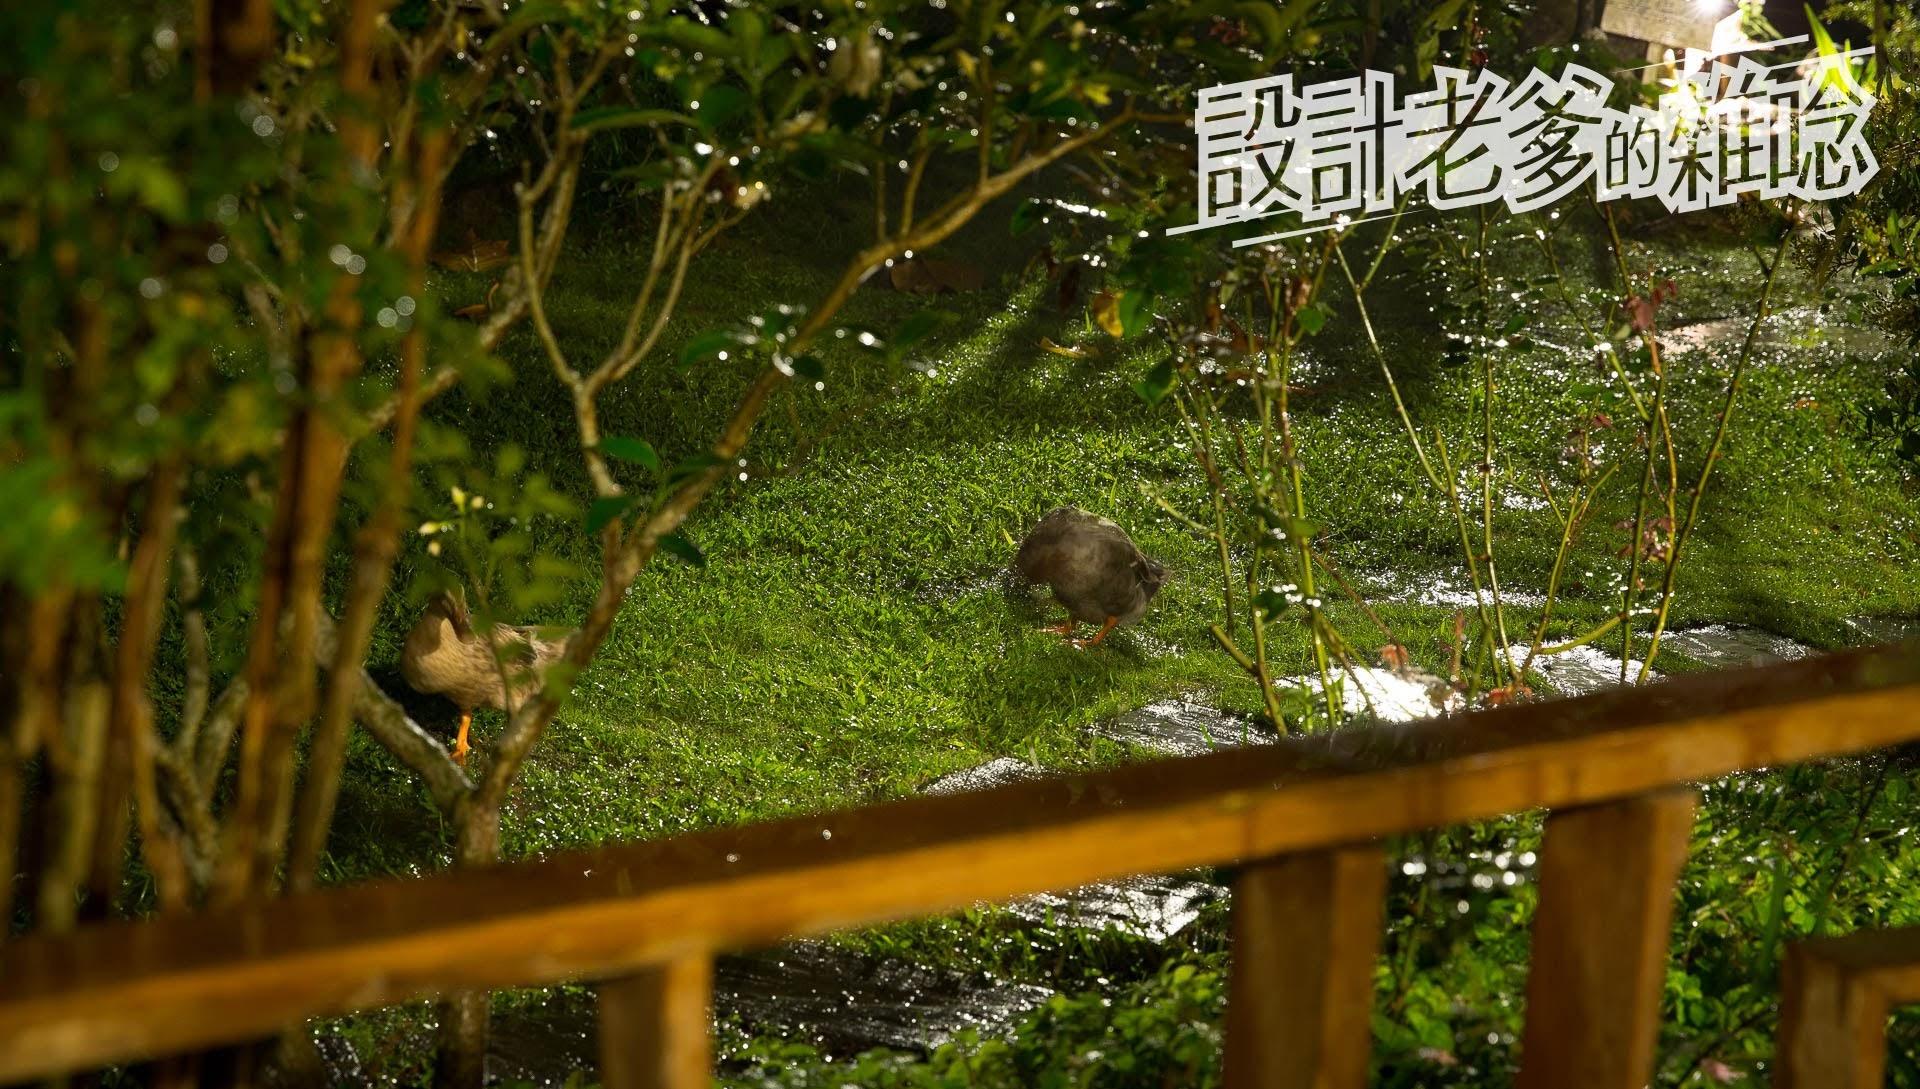 汎水淩山自然手感民宿...感受綠、感受生命、可以野放自己心靈的慢角落